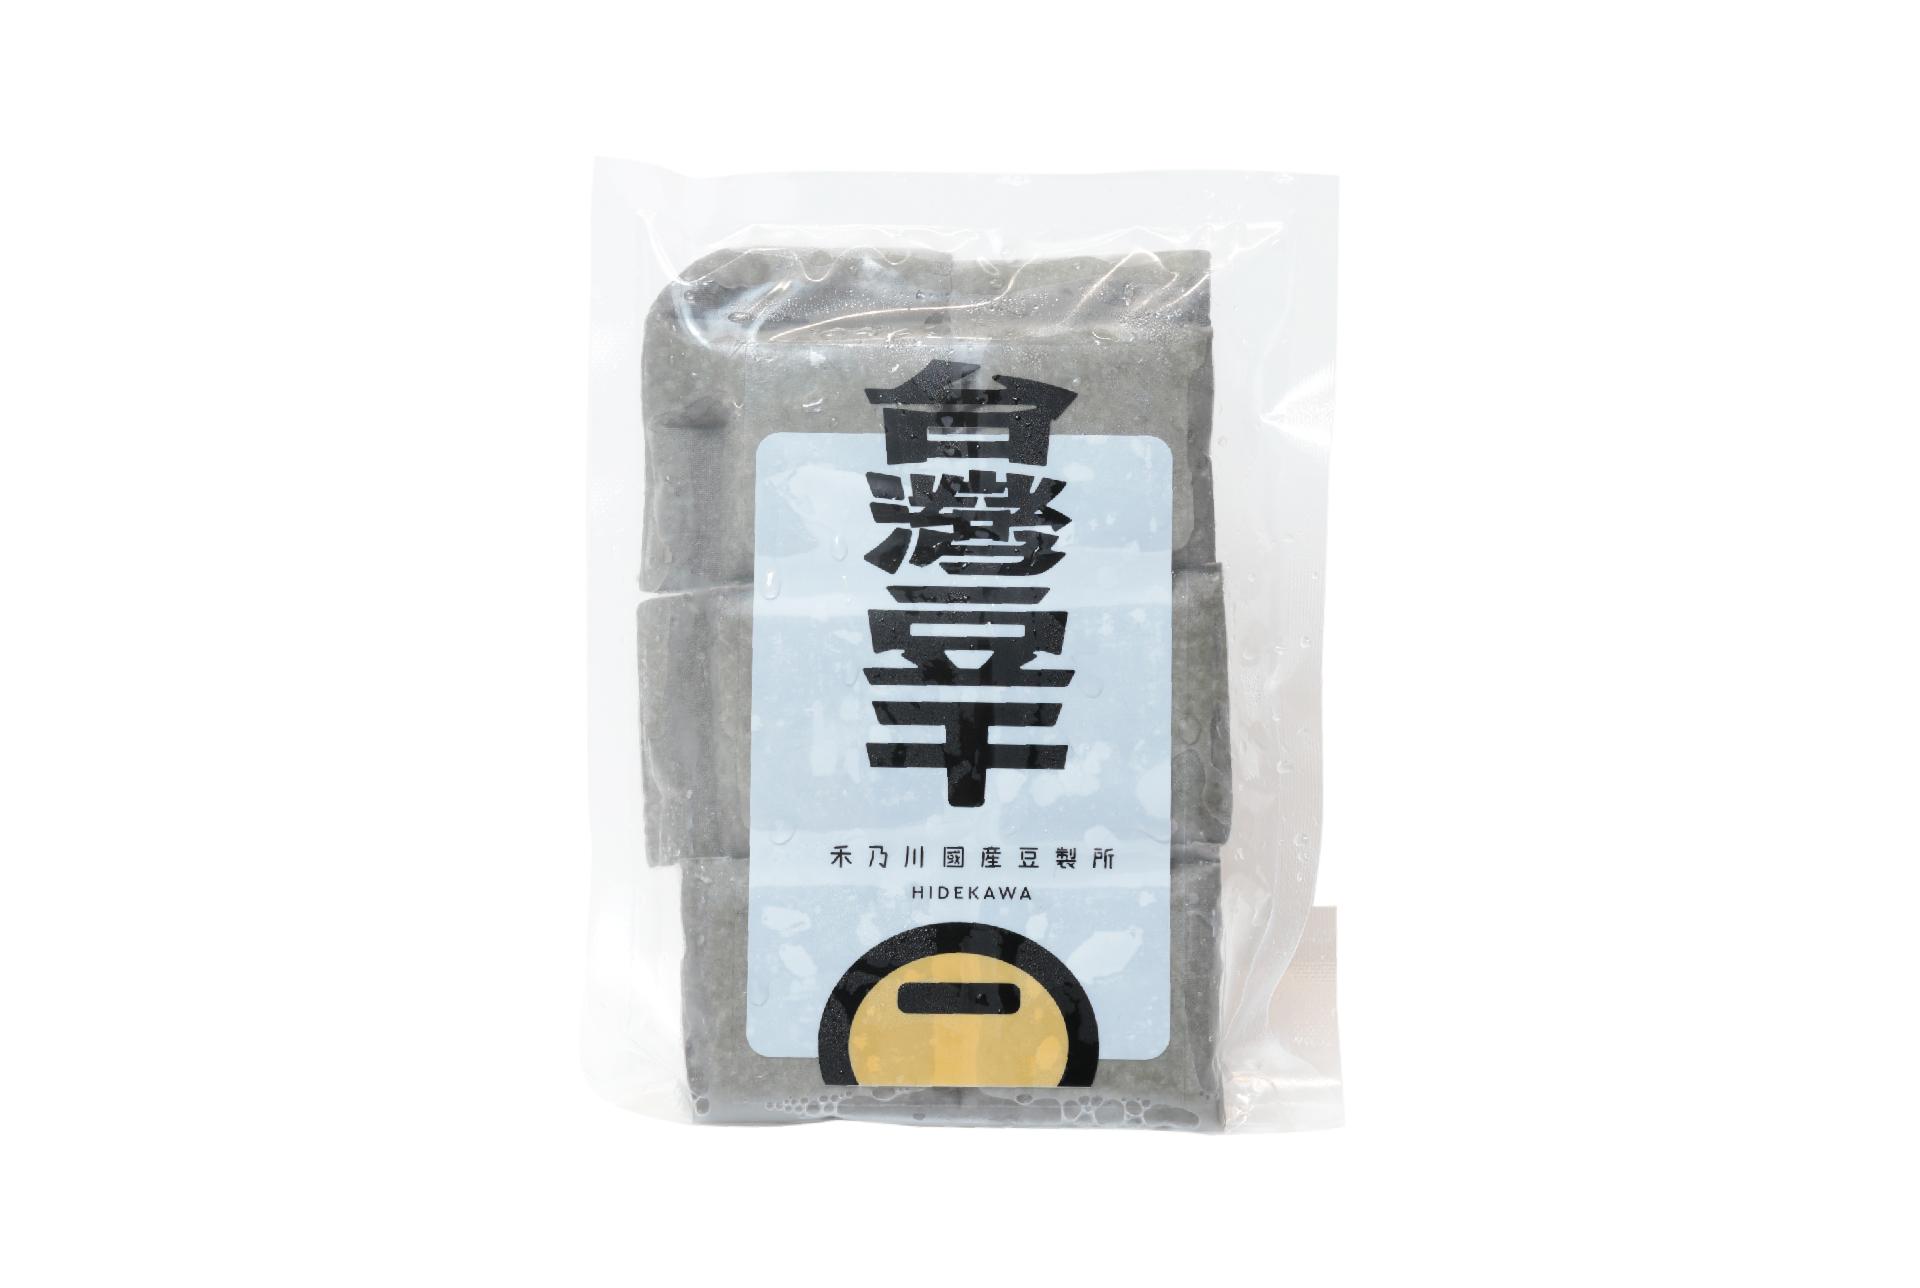 鹽鹵黑豆干 - 扎實中帶有韌性   禾乃川國產豆製所   改變生命的豆漿店